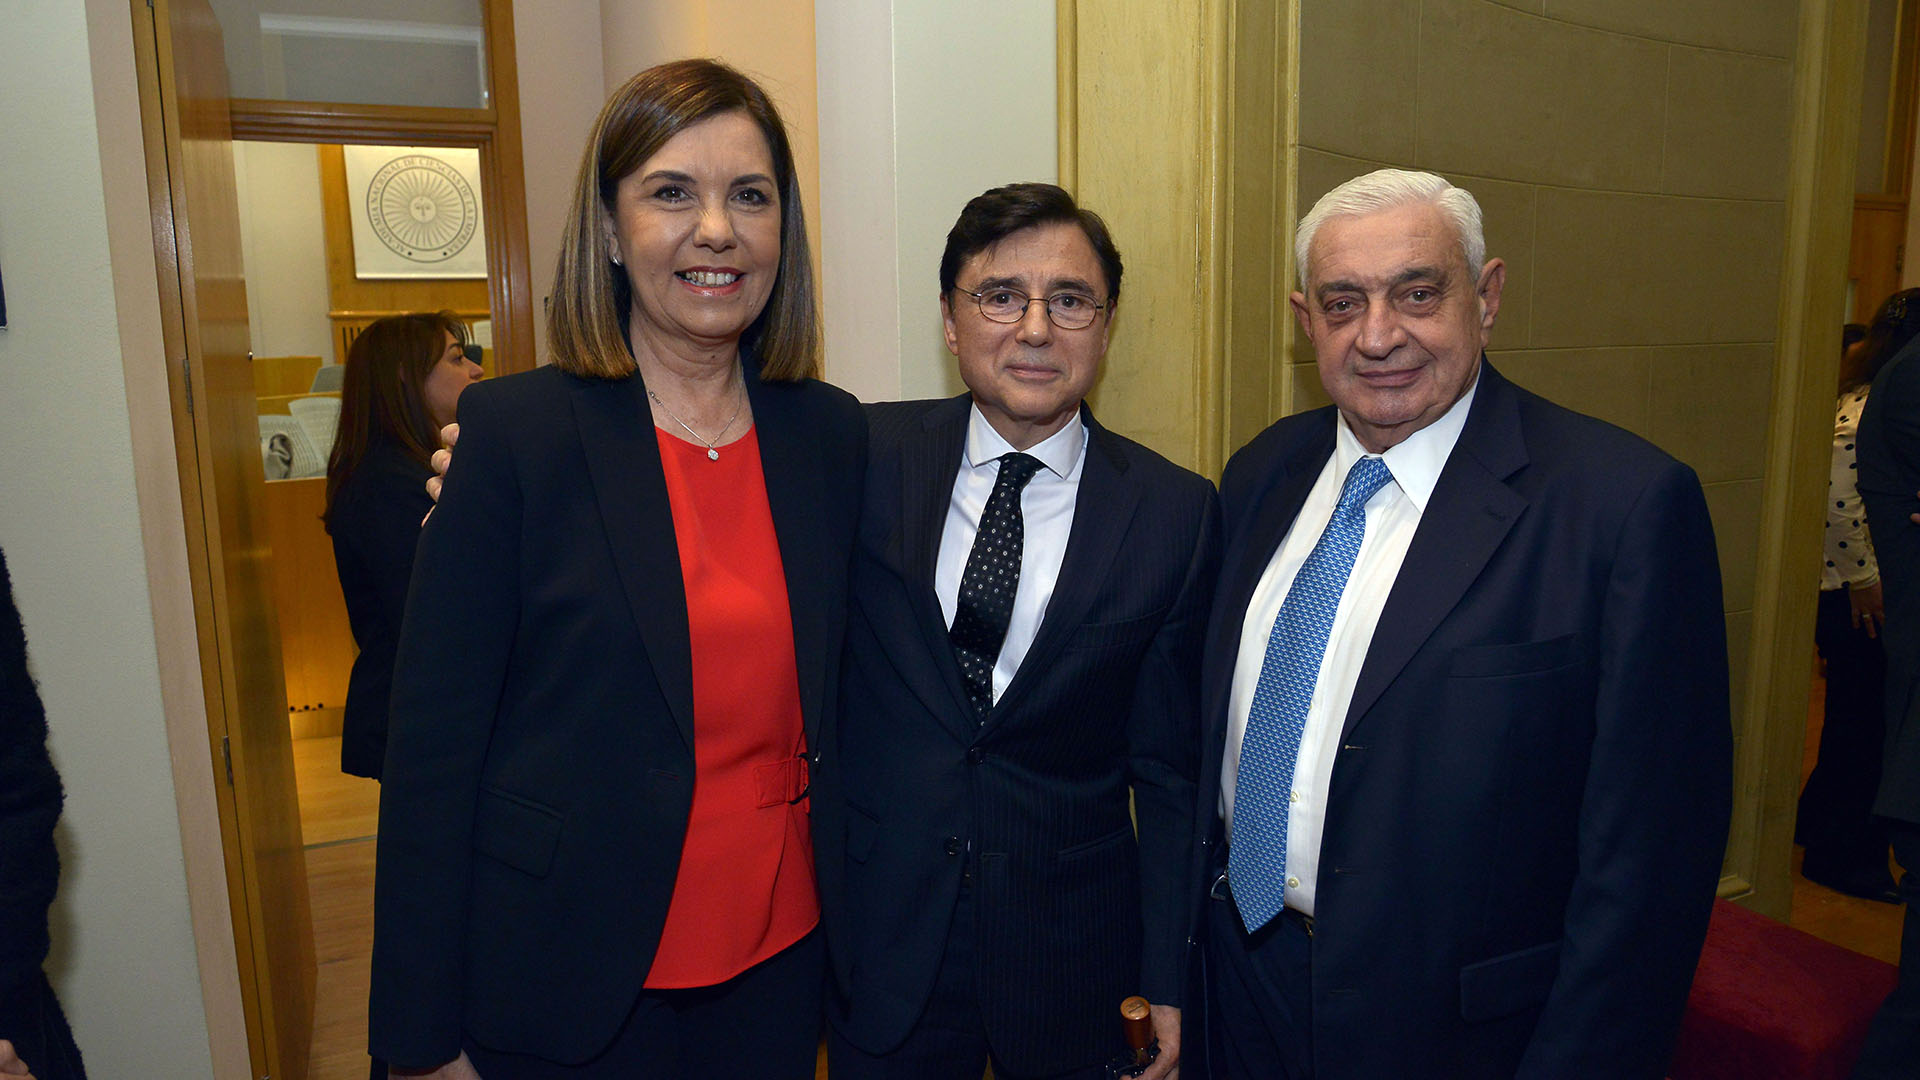 Liliana Parodi, gerente de programación de América; Jorge Fontevecchia, de Perfil; y Adelmo Gabbi, presidente de la Bolsa de Comercio de Buenos Aires